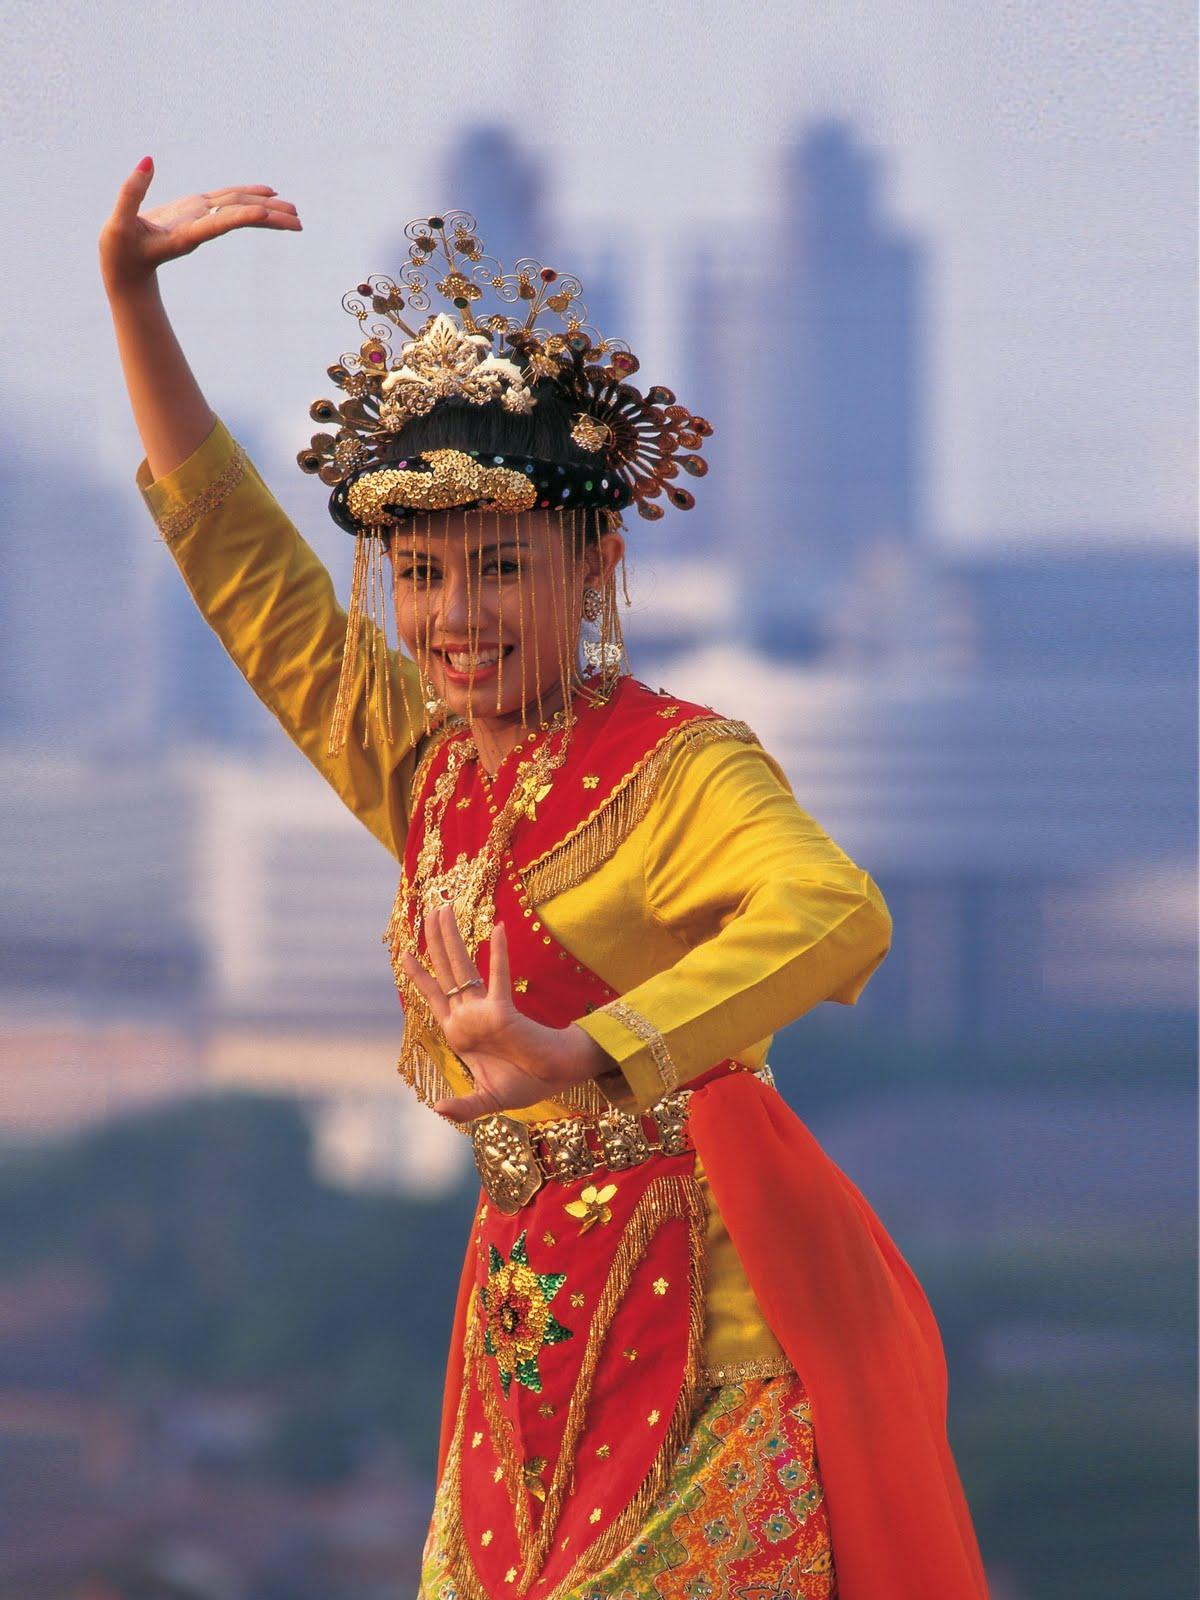 Seni Musik Dan Seni Tari Macam Macam Seni Seni Nasional Tari Cokek Merupakan Tarian Yang Berasal Dari Budaya Betawi Tempo